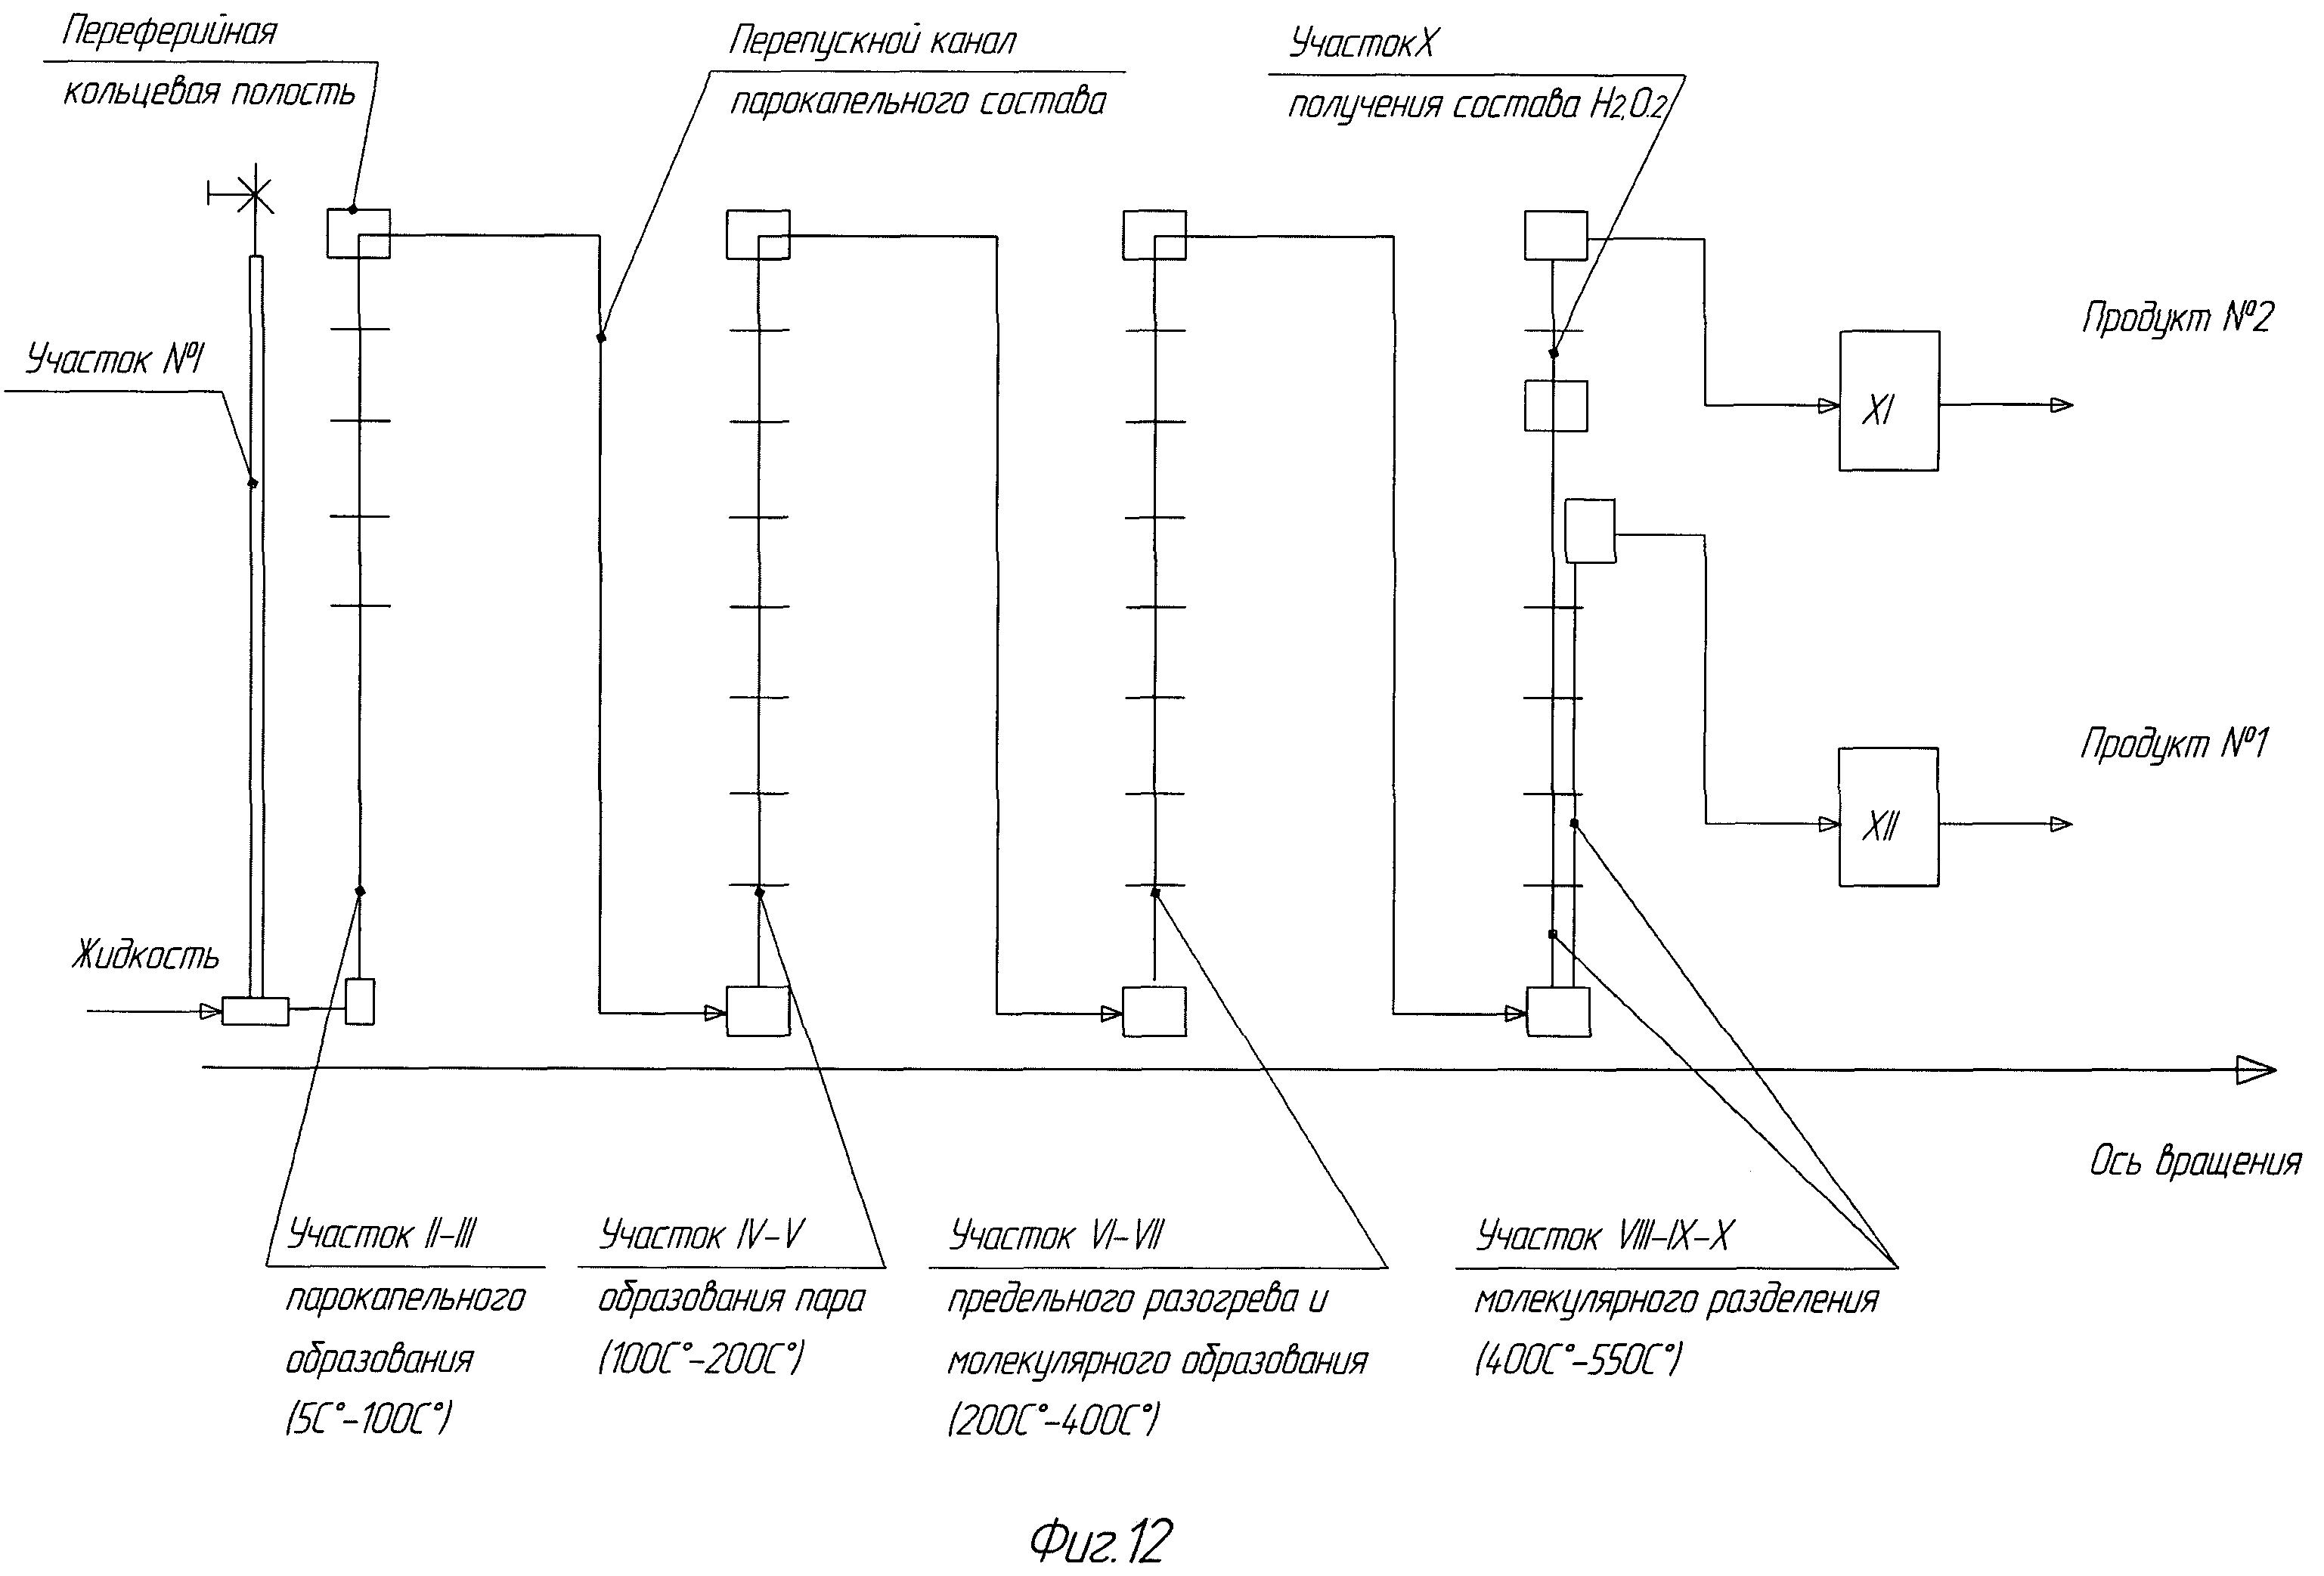 Реферат электрохимическое получение водорода кинетика 9828